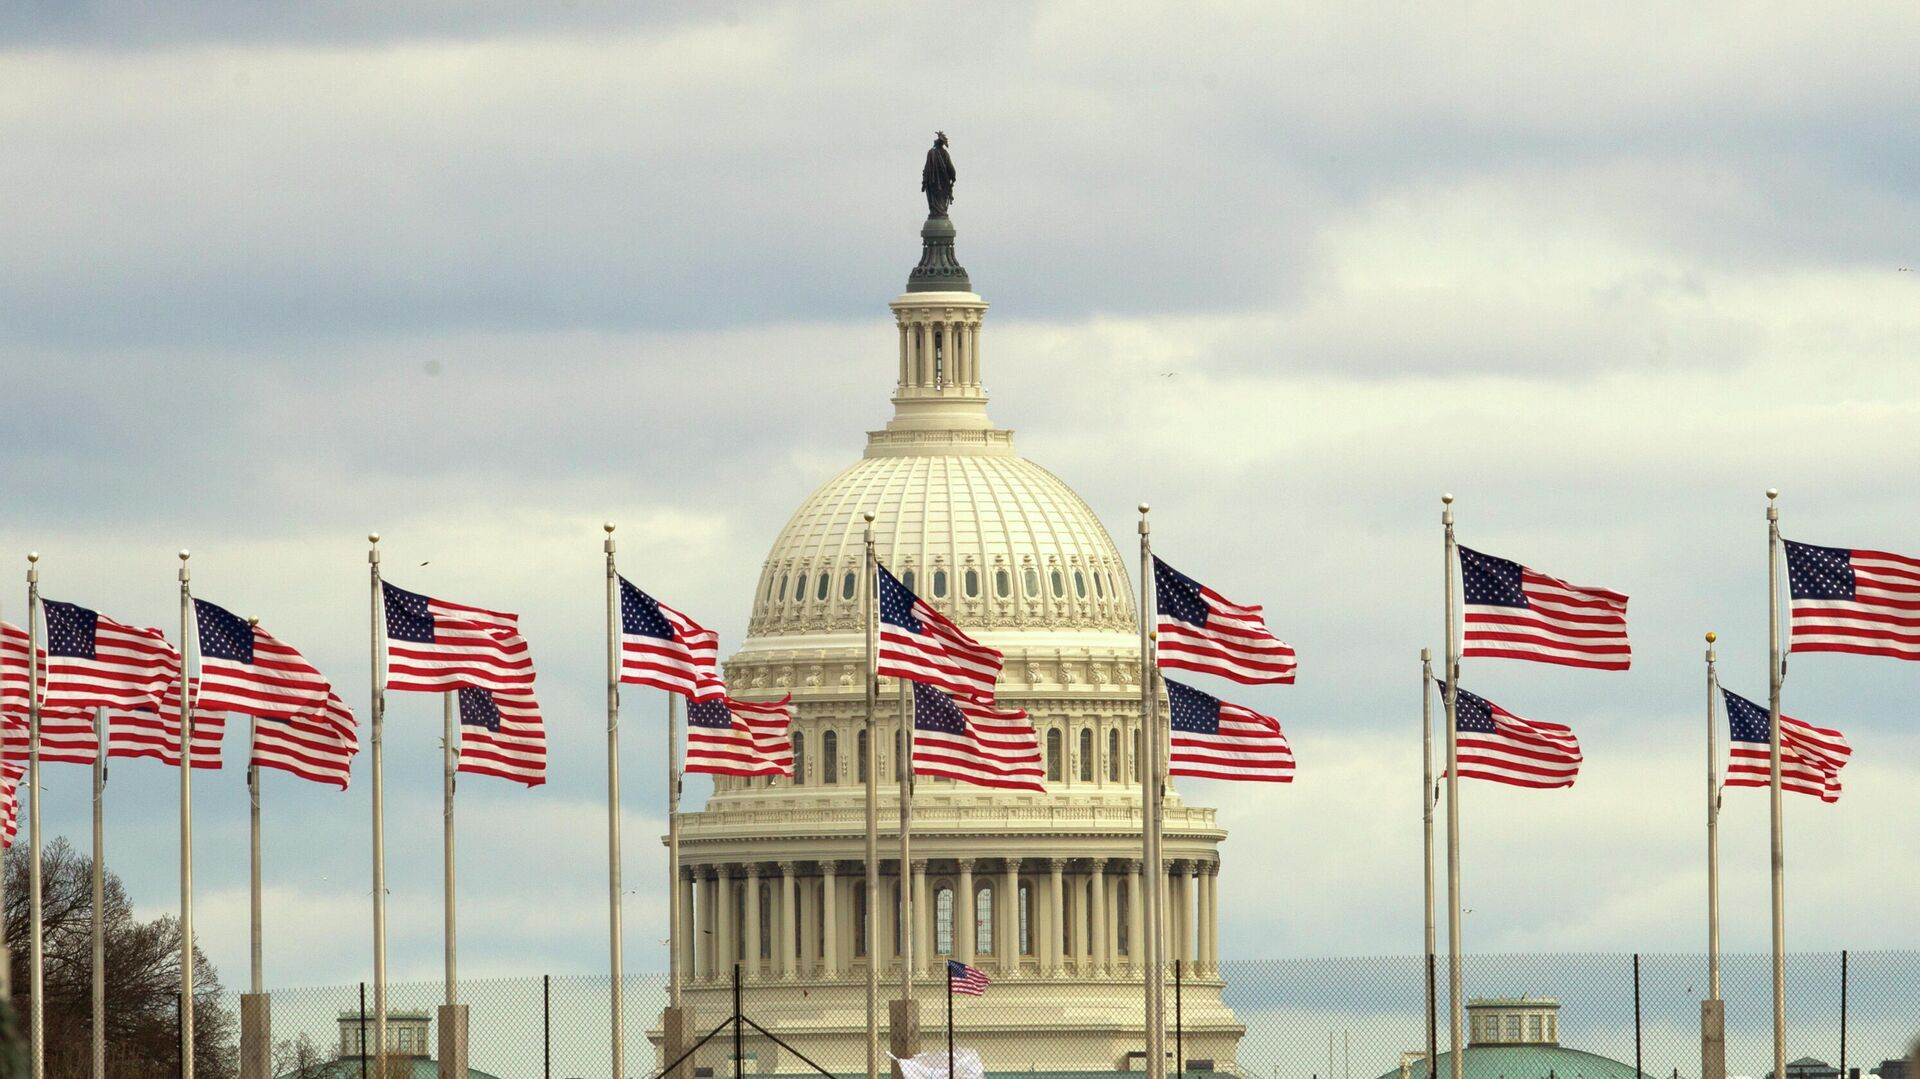 Здание Конгресса США на Капитолийском холме в Вашингтоне - РИА Новости, 1920, 09.12.2020